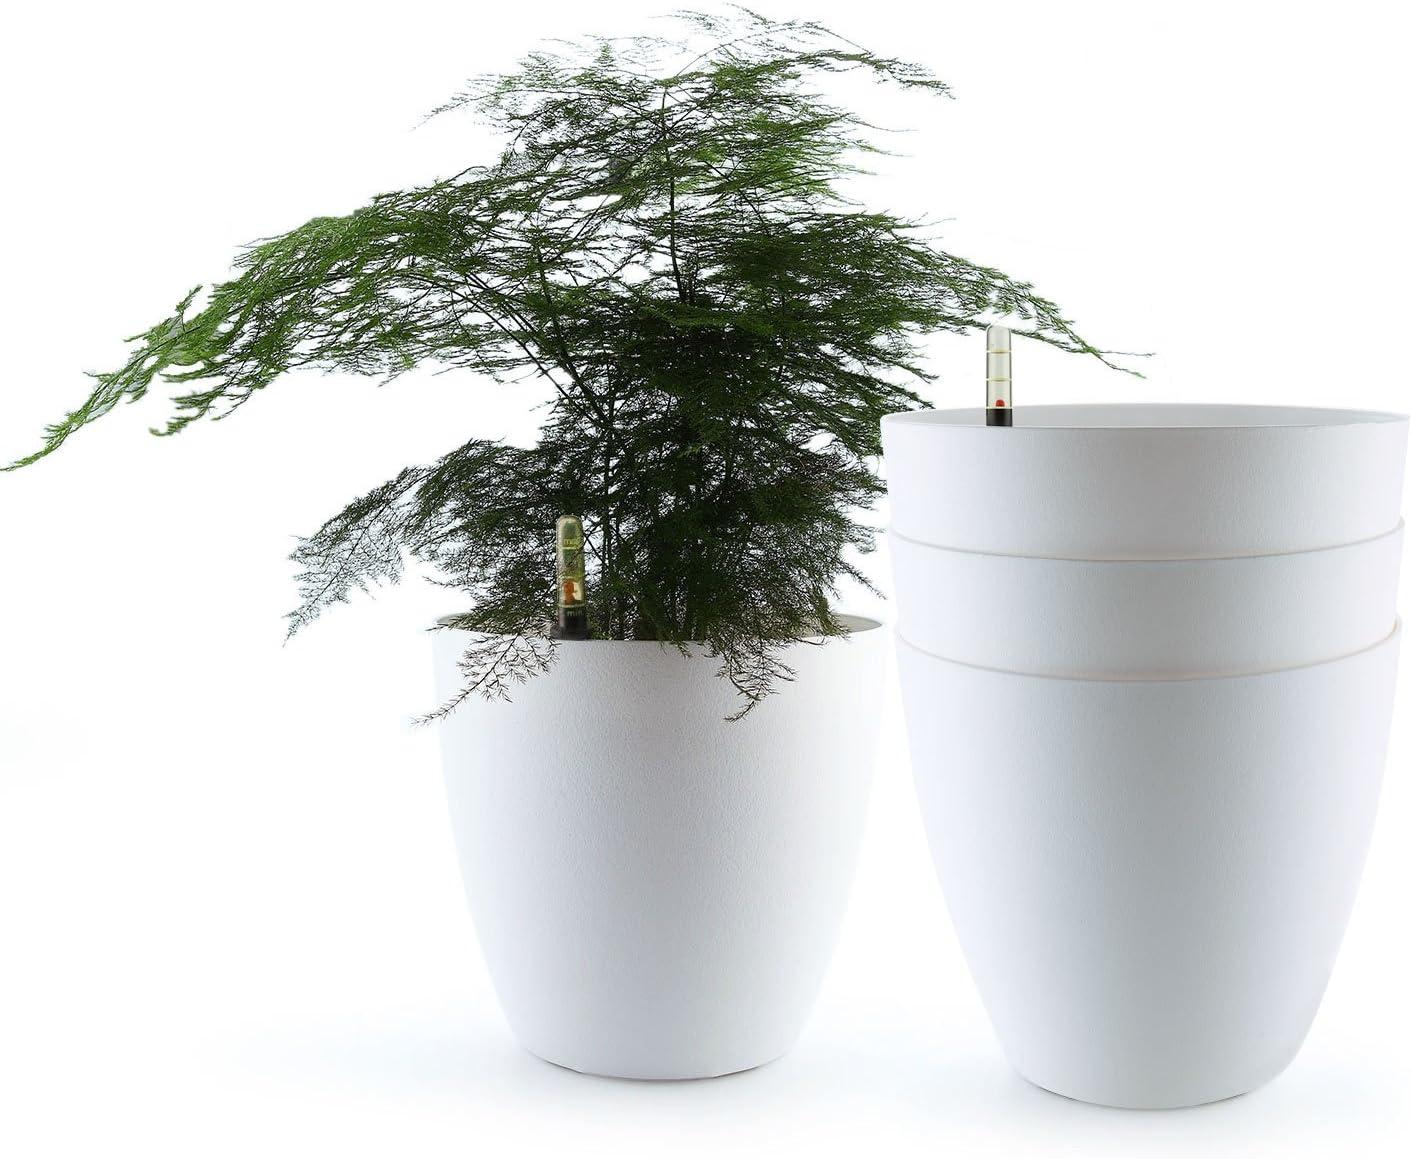 T4U Auto Riego Plantador Blanco 22CM Ronda Paquete de 4, Planta Maceta Cajas para Interiores Al Aire Libre Jardines de Windowsill Idea Regalo para Cumpleaños y Boda y Navidad